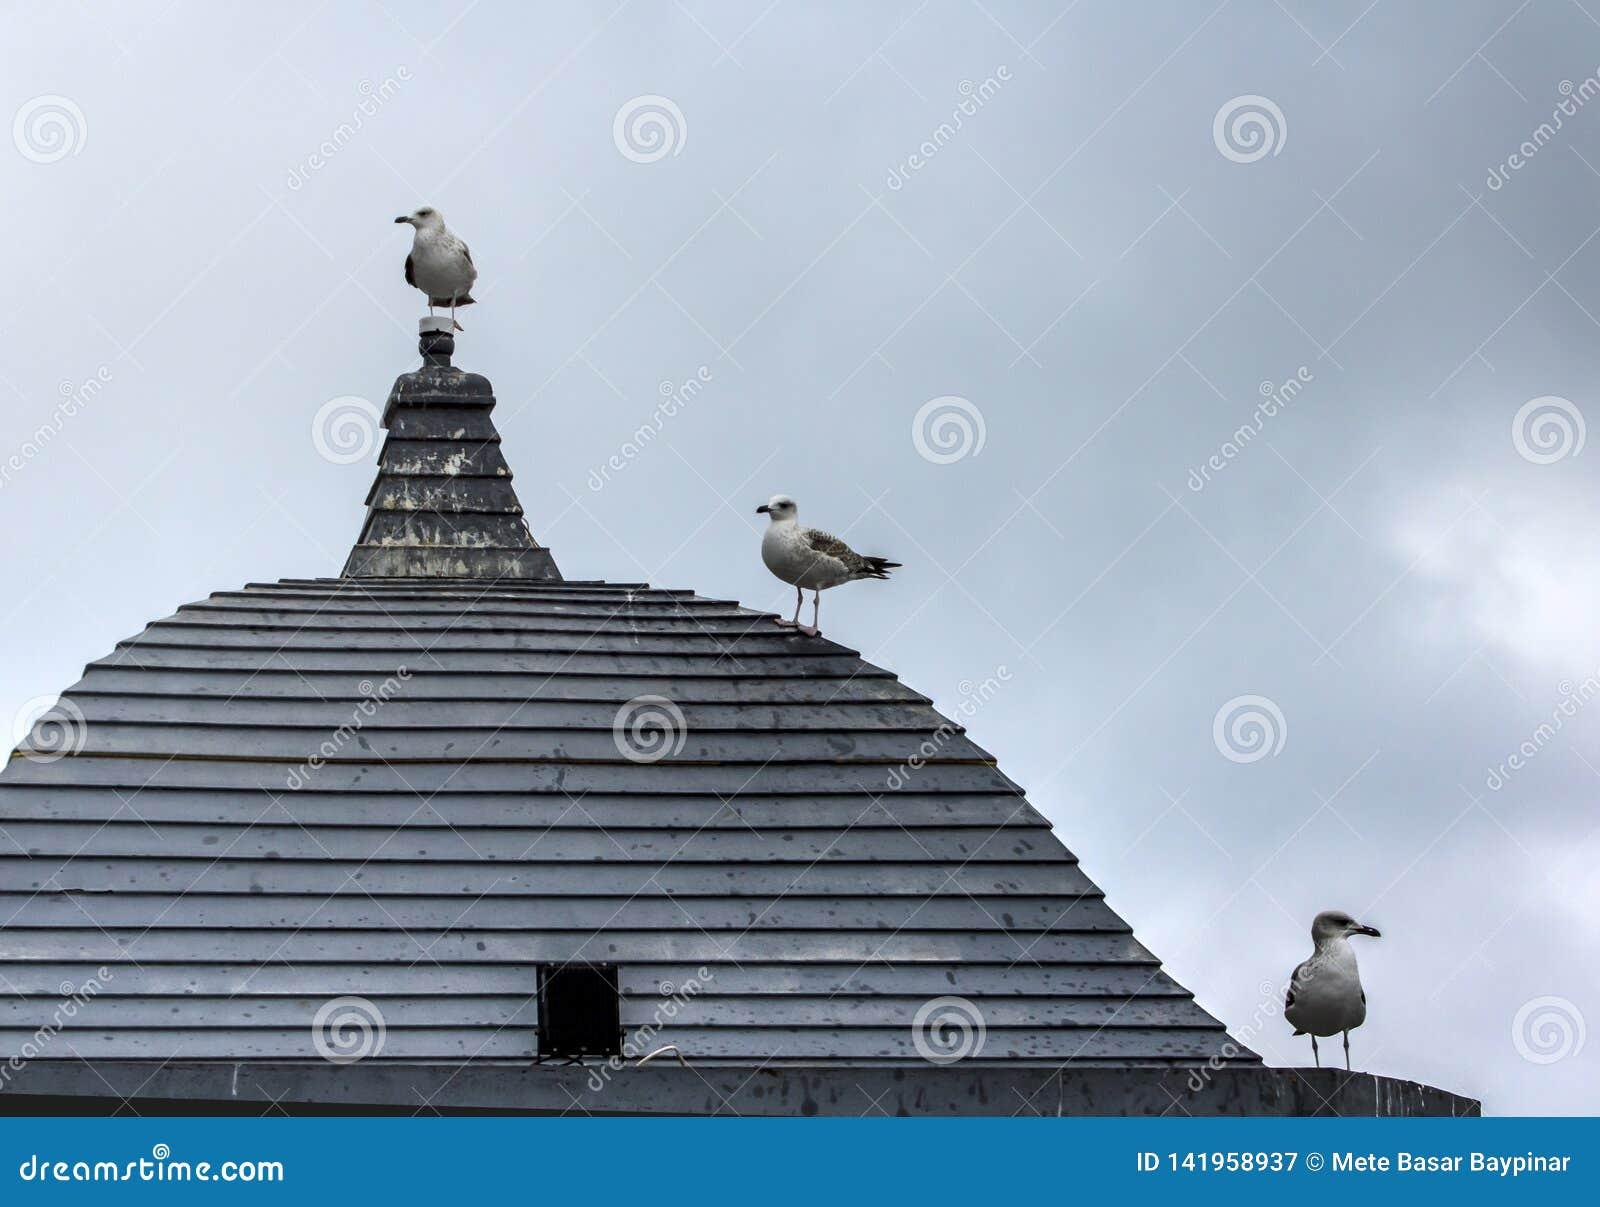 Drei Seemöwen, die auf Godot auf einer hölzernen Dachspitze auf einer grauen, neutralen Welt warten